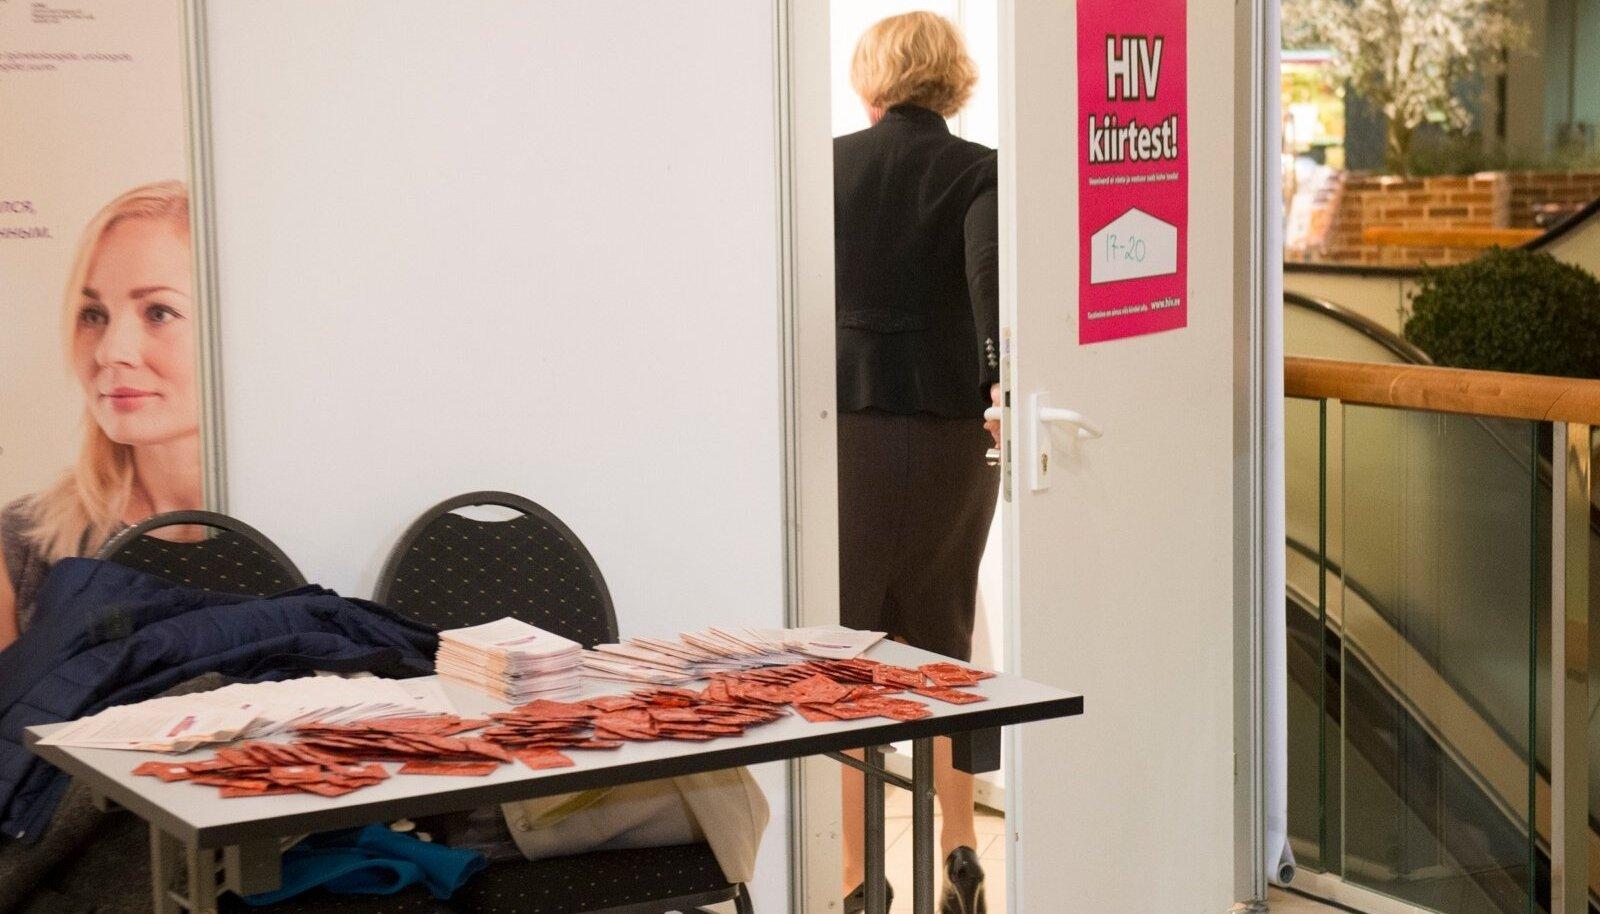 HIVi kiirtest